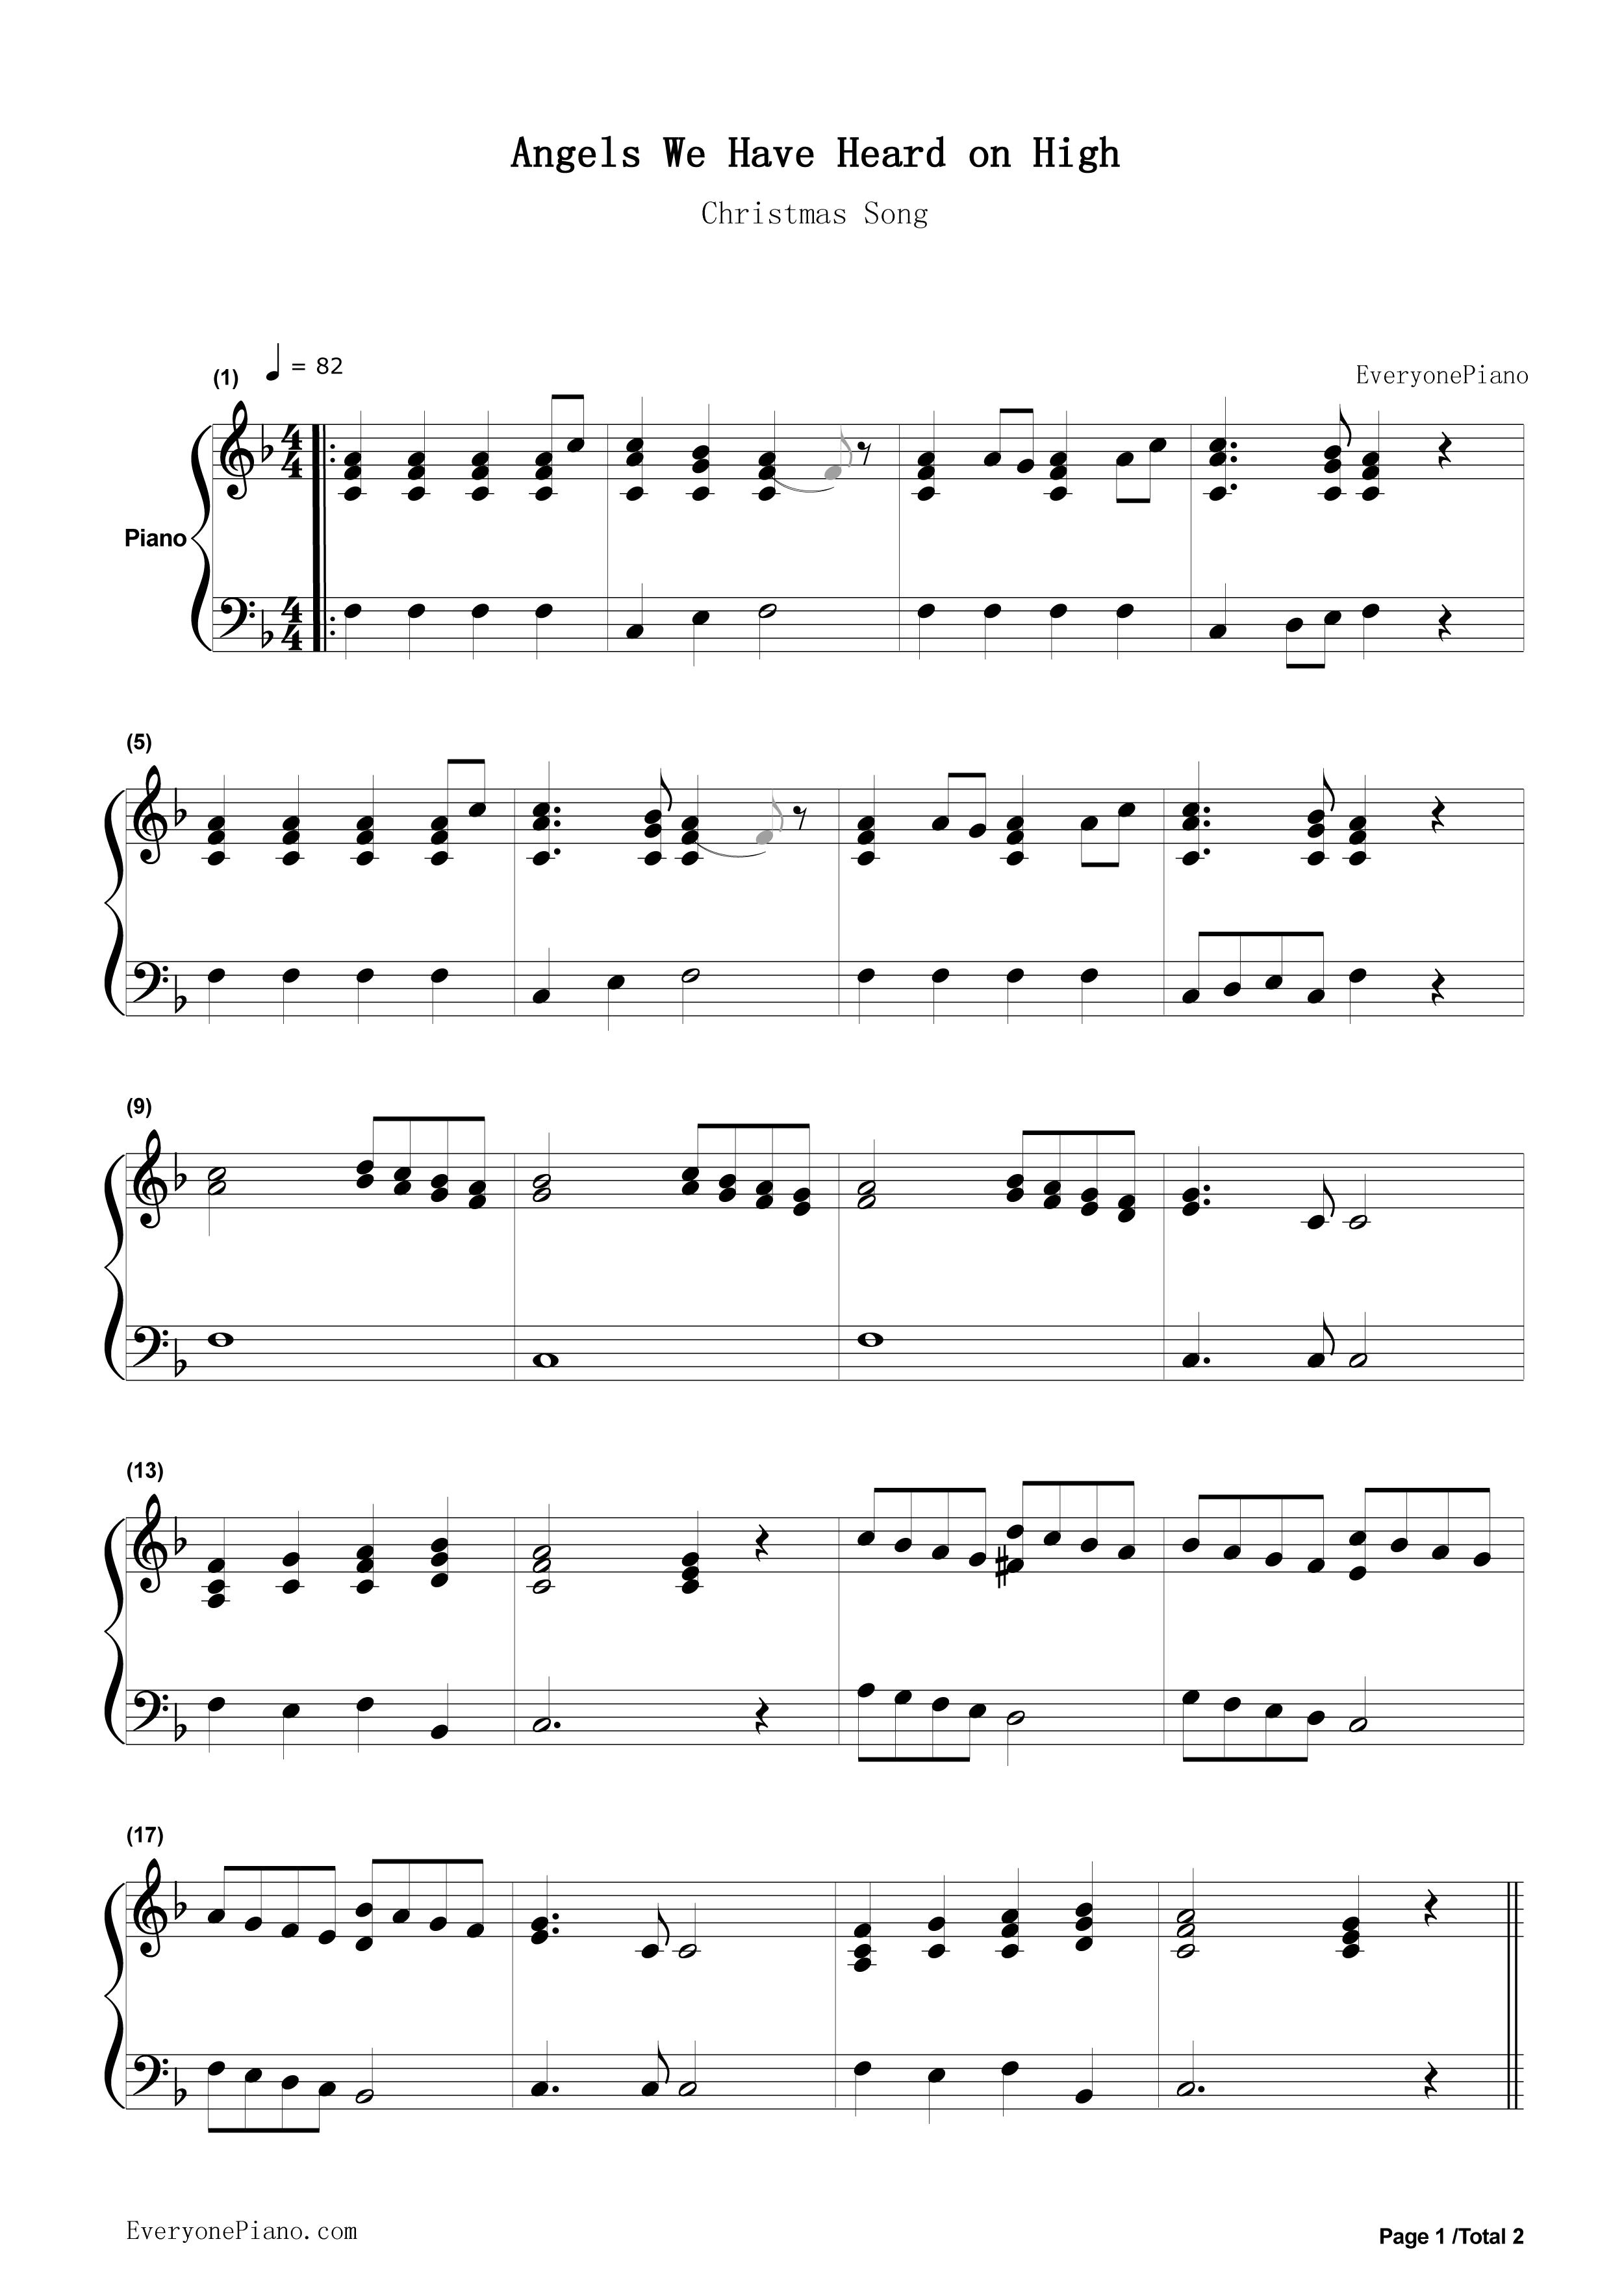 钢琴曲谱 流行 圣诞歌曲 - angels we have heard on high 圣诞歌曲